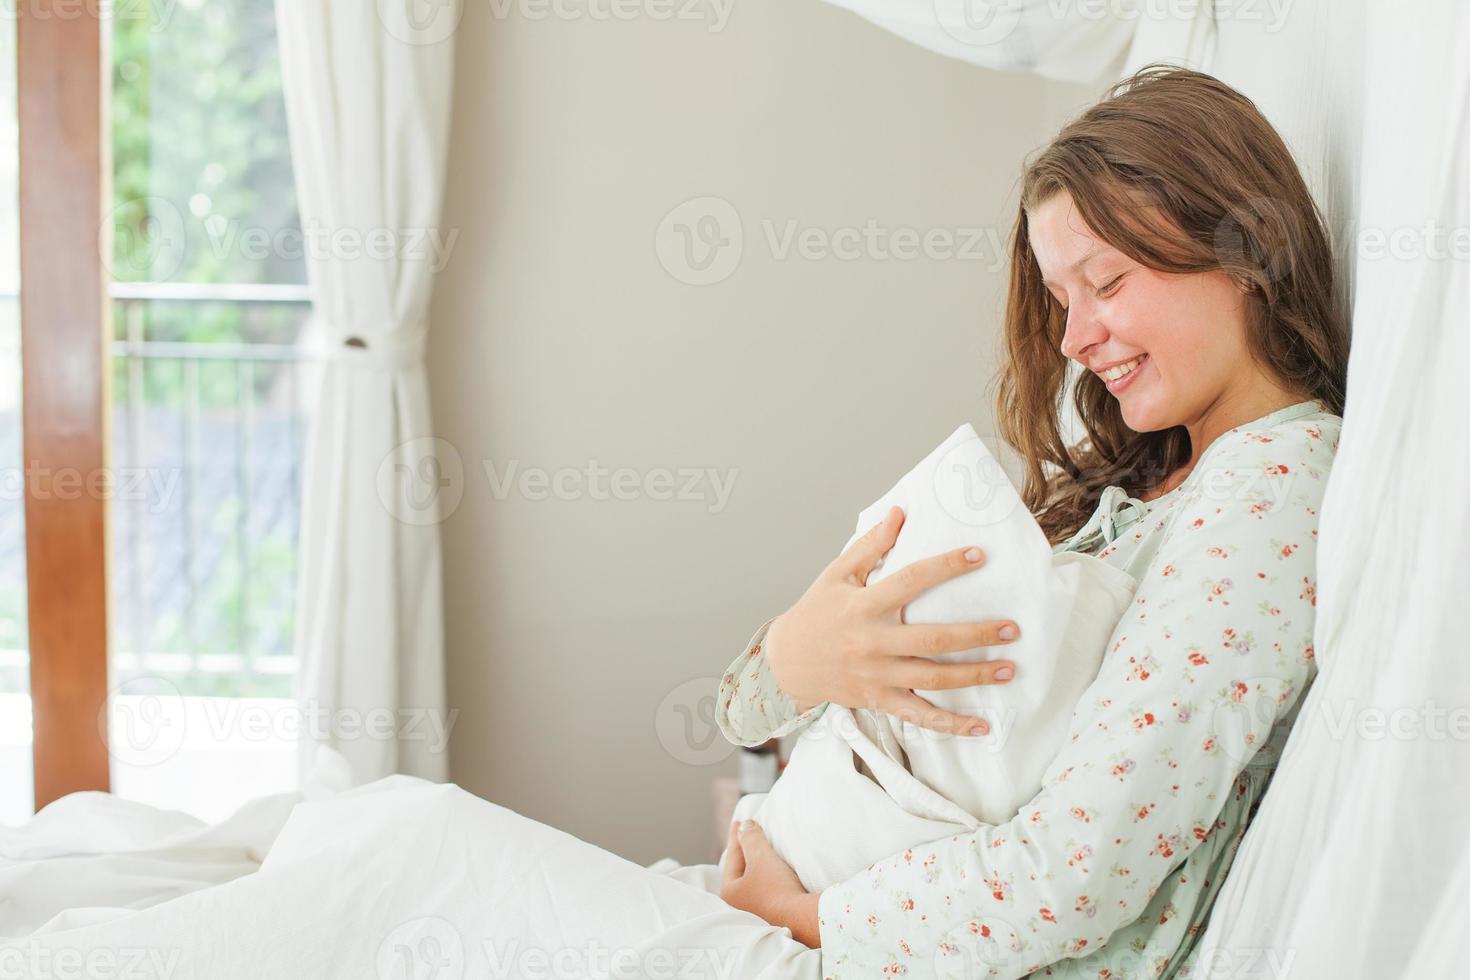 donna seduta sul letto con il suo bambino appena nato foto